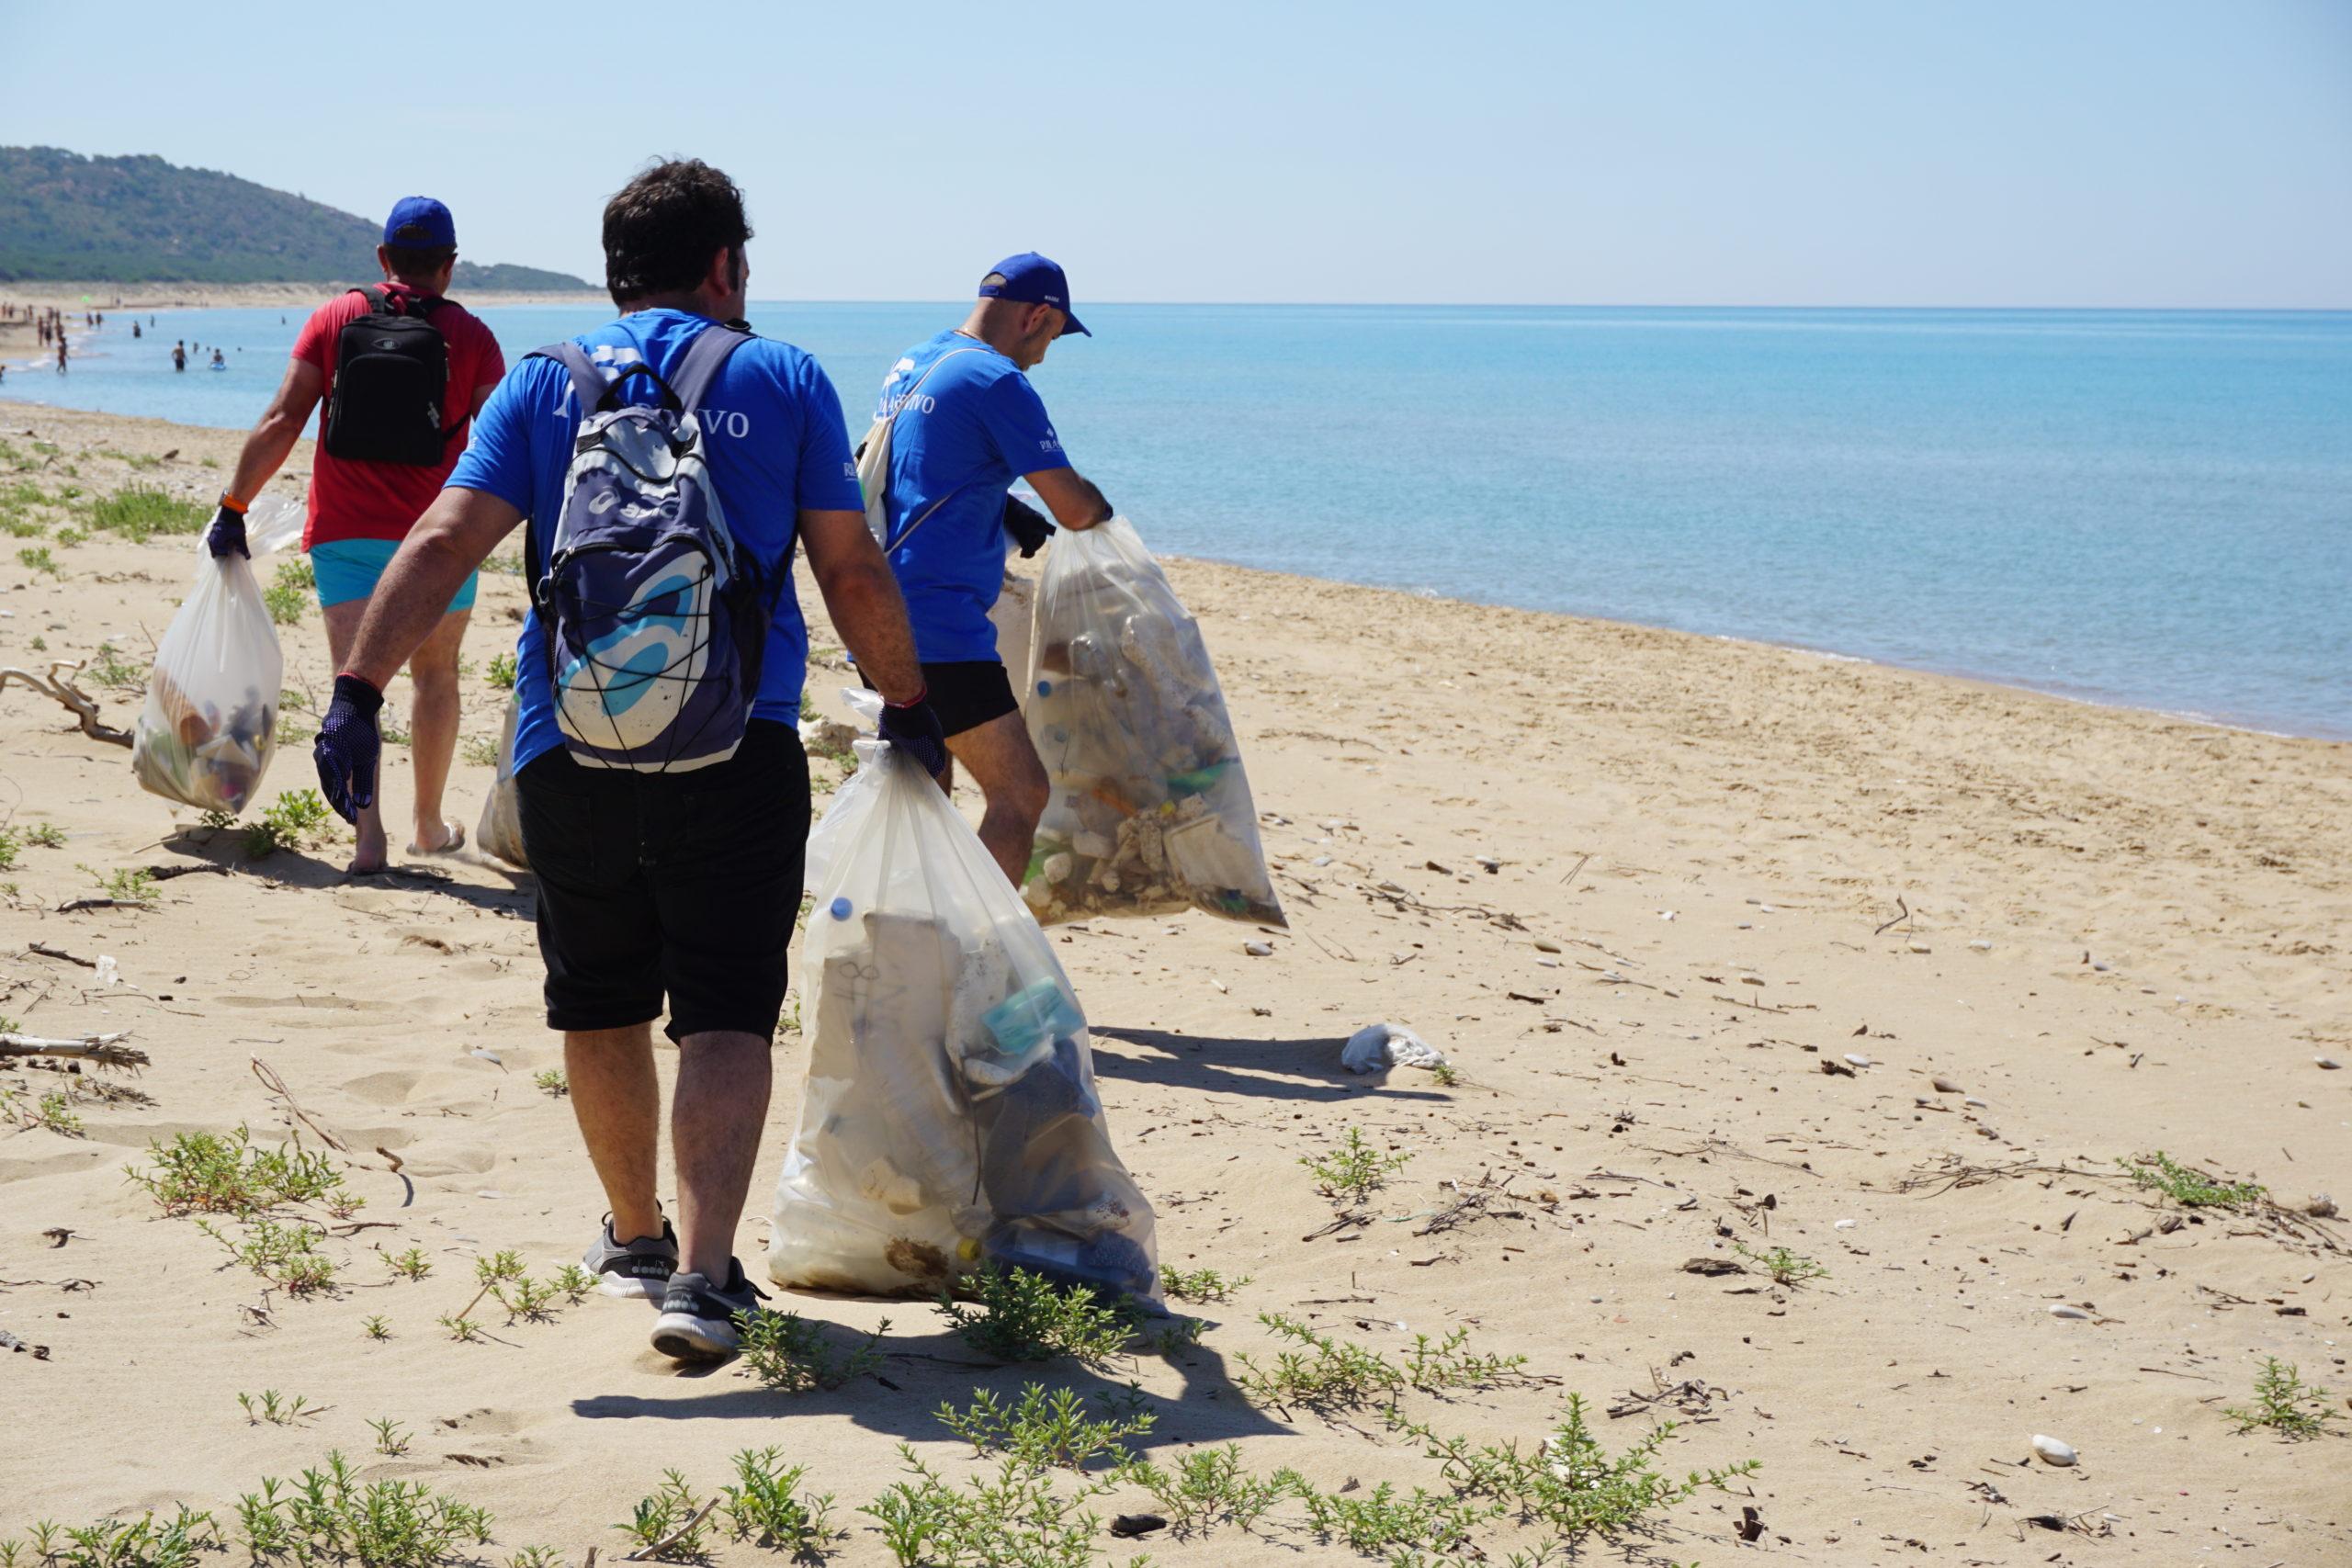 Marevivo e Rilastil recuperano quasi una tonnellata di rifiuti in tre spiagge italiane e portano in salvo un esemplare di tartaruga palustre siciliana